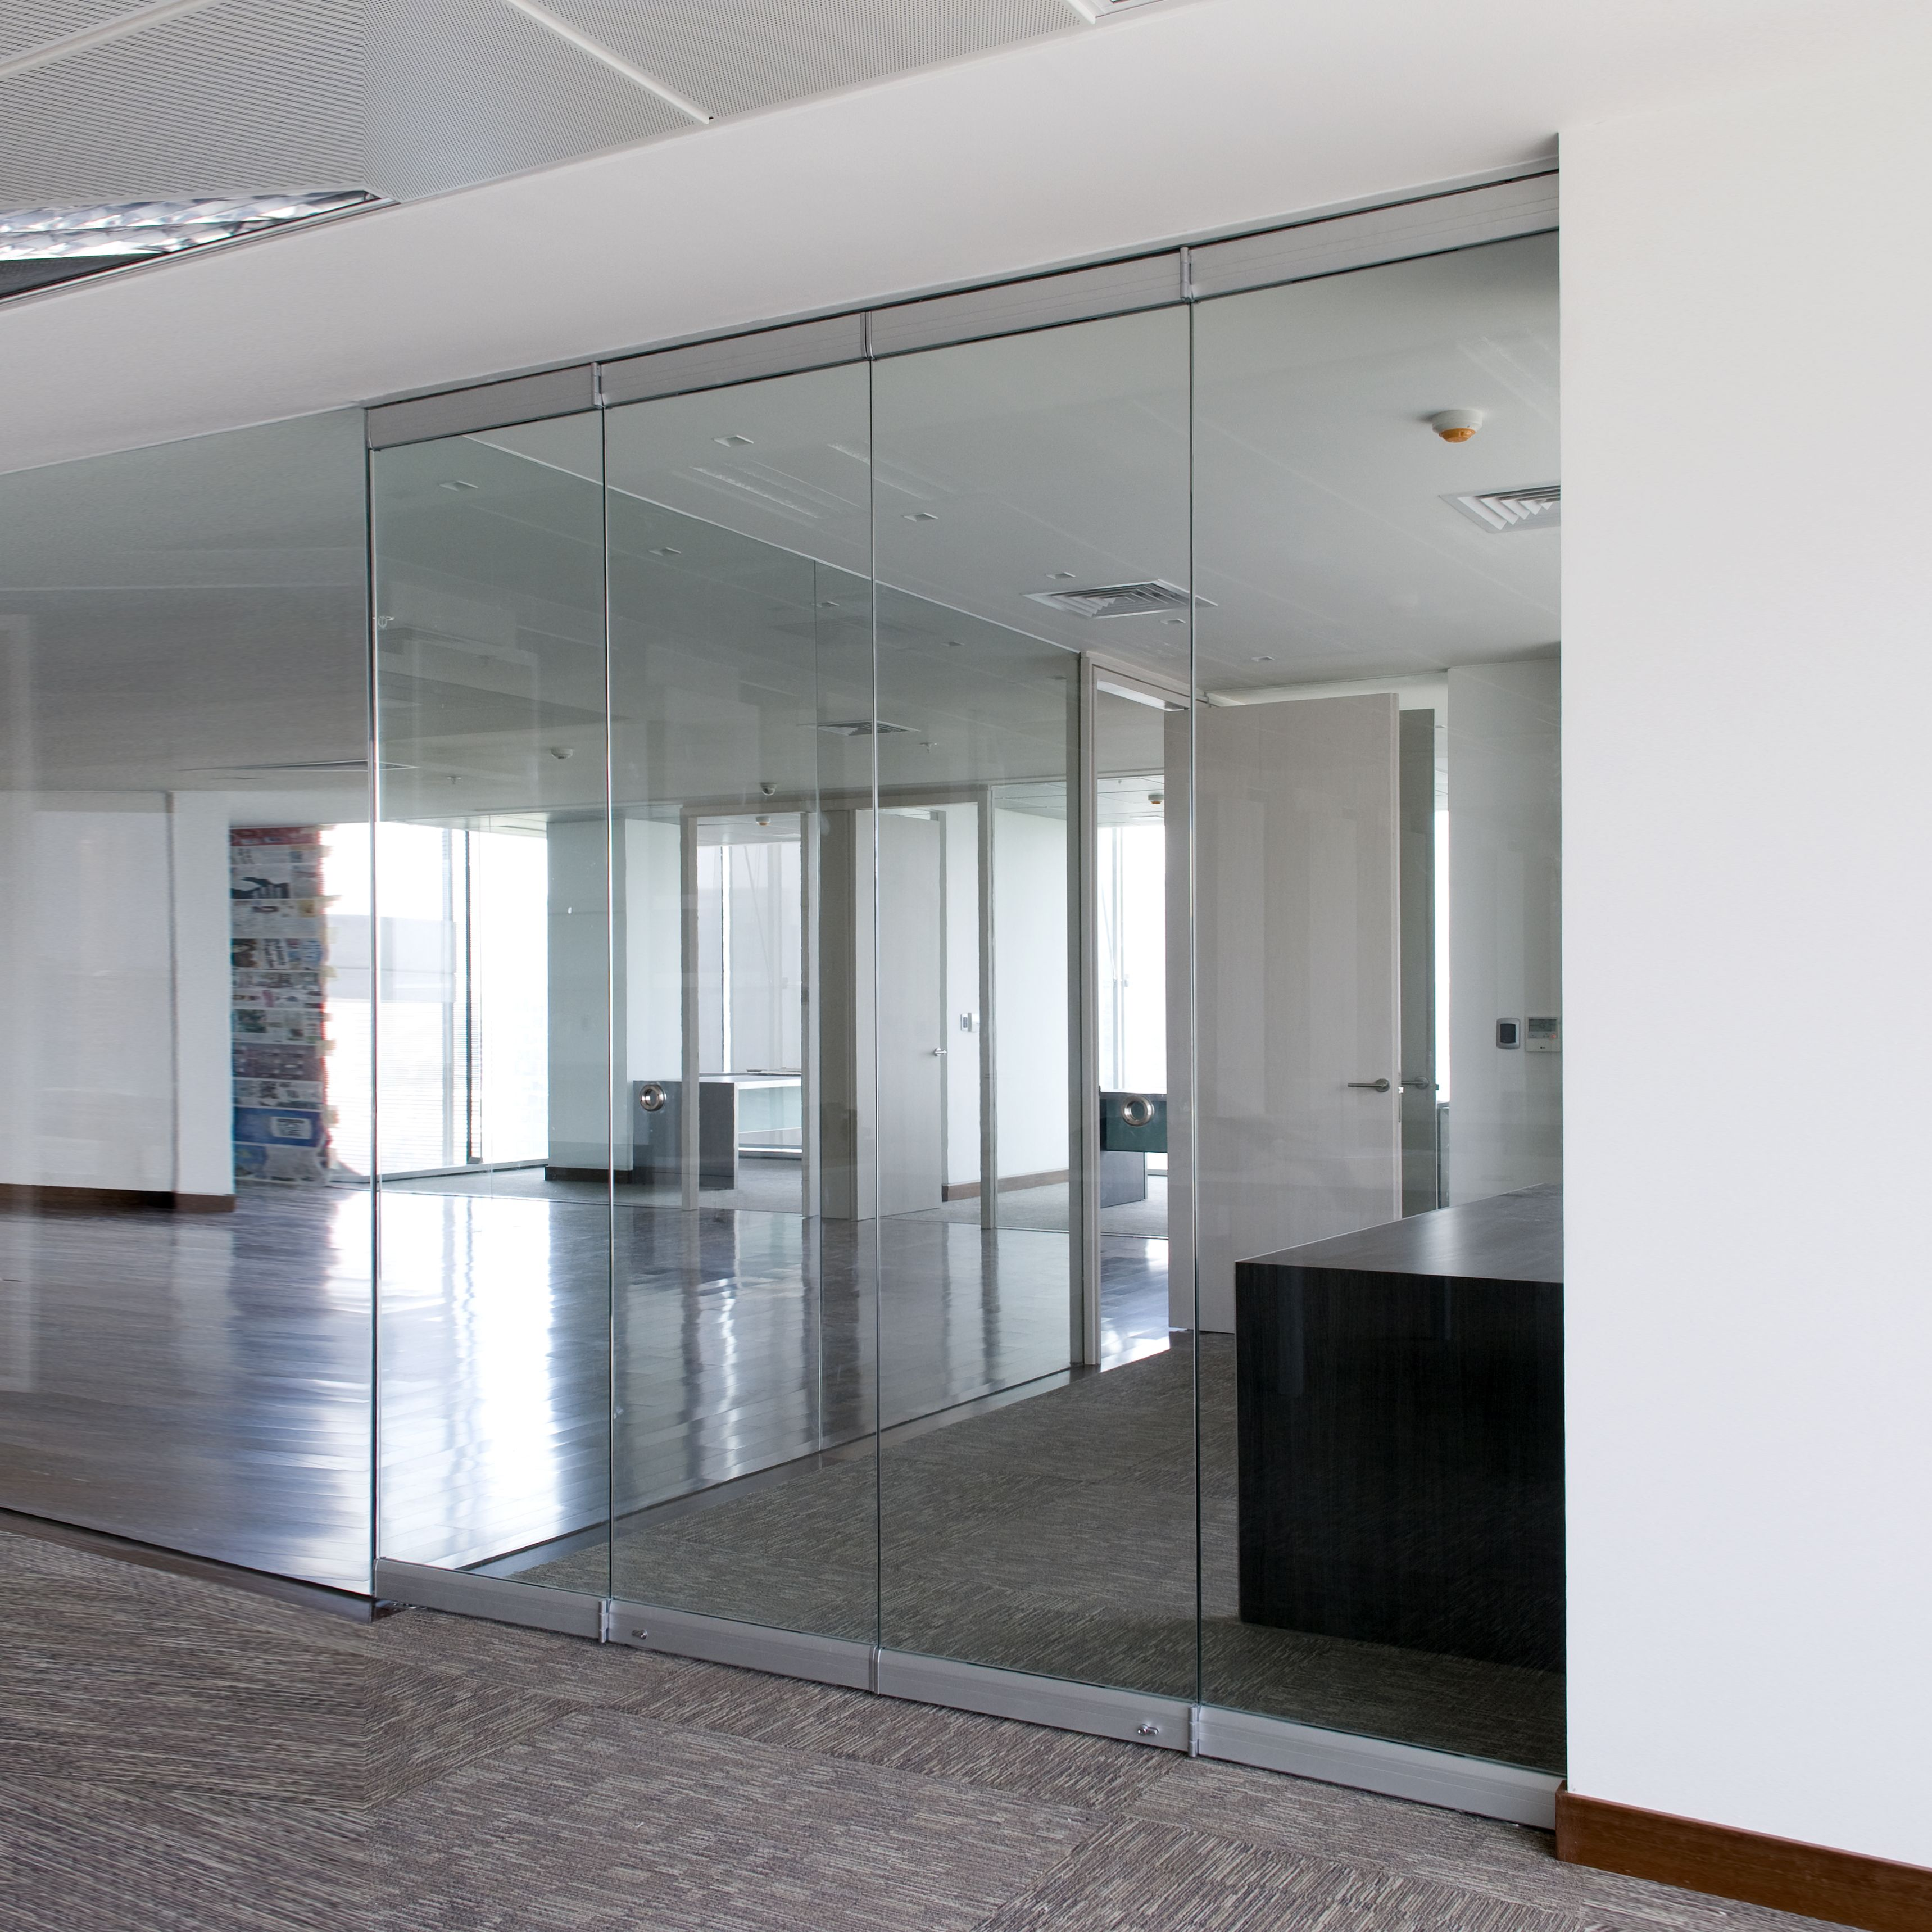 Sistema plegable colgante para puertas de vidrio de hasta - Puertas de vidrio ...